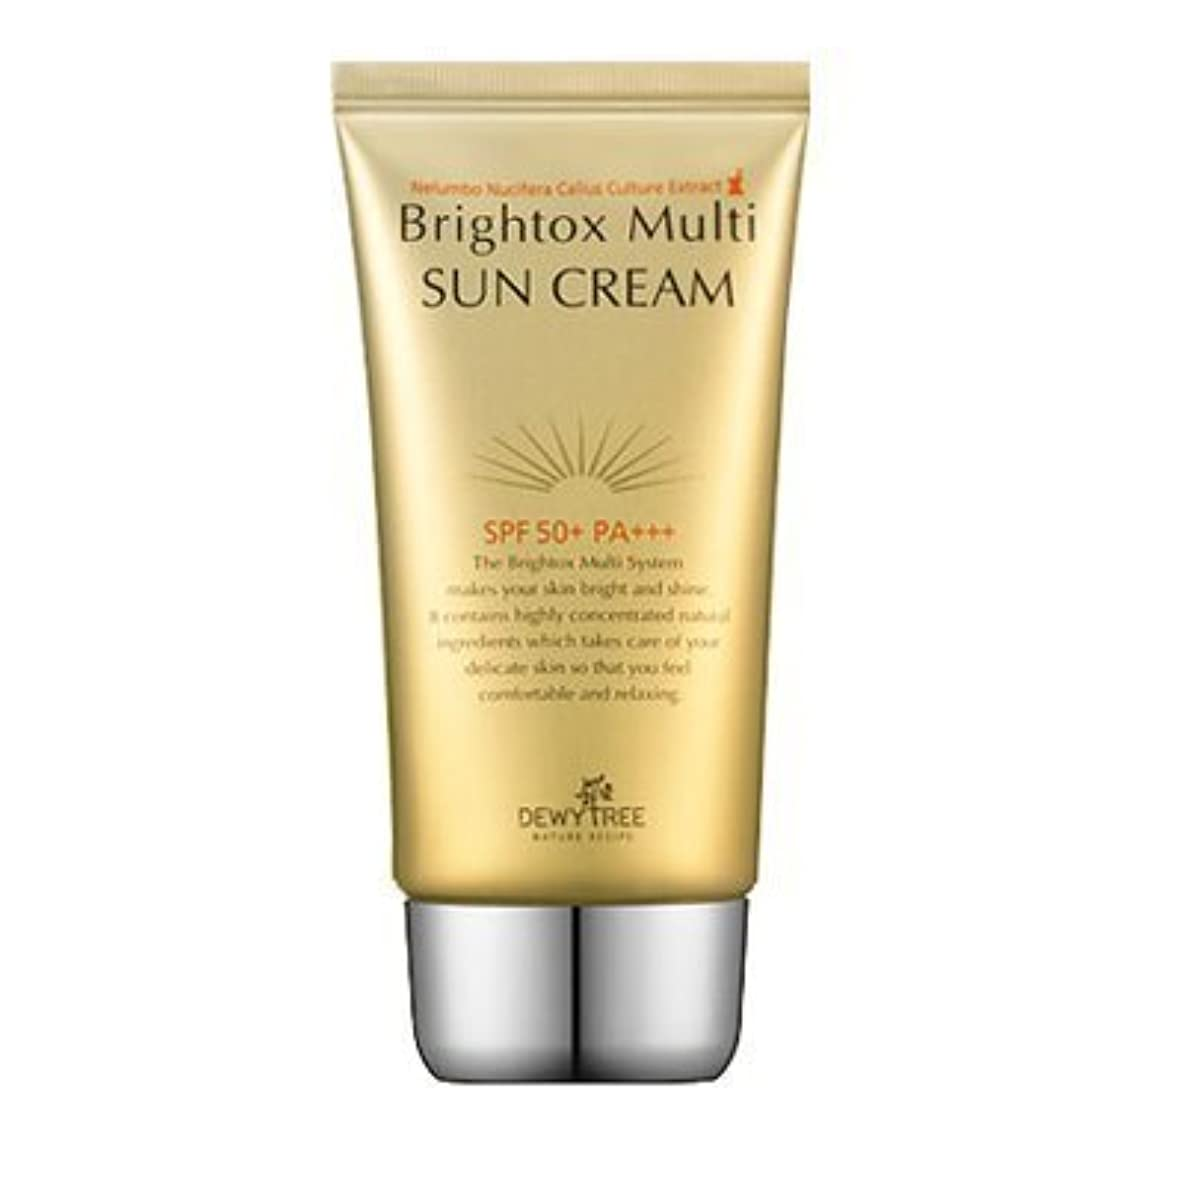 ファブリック遅いアルバムDewytree Brightox Multi SUN CREAM SPF50+, PA+++50ml